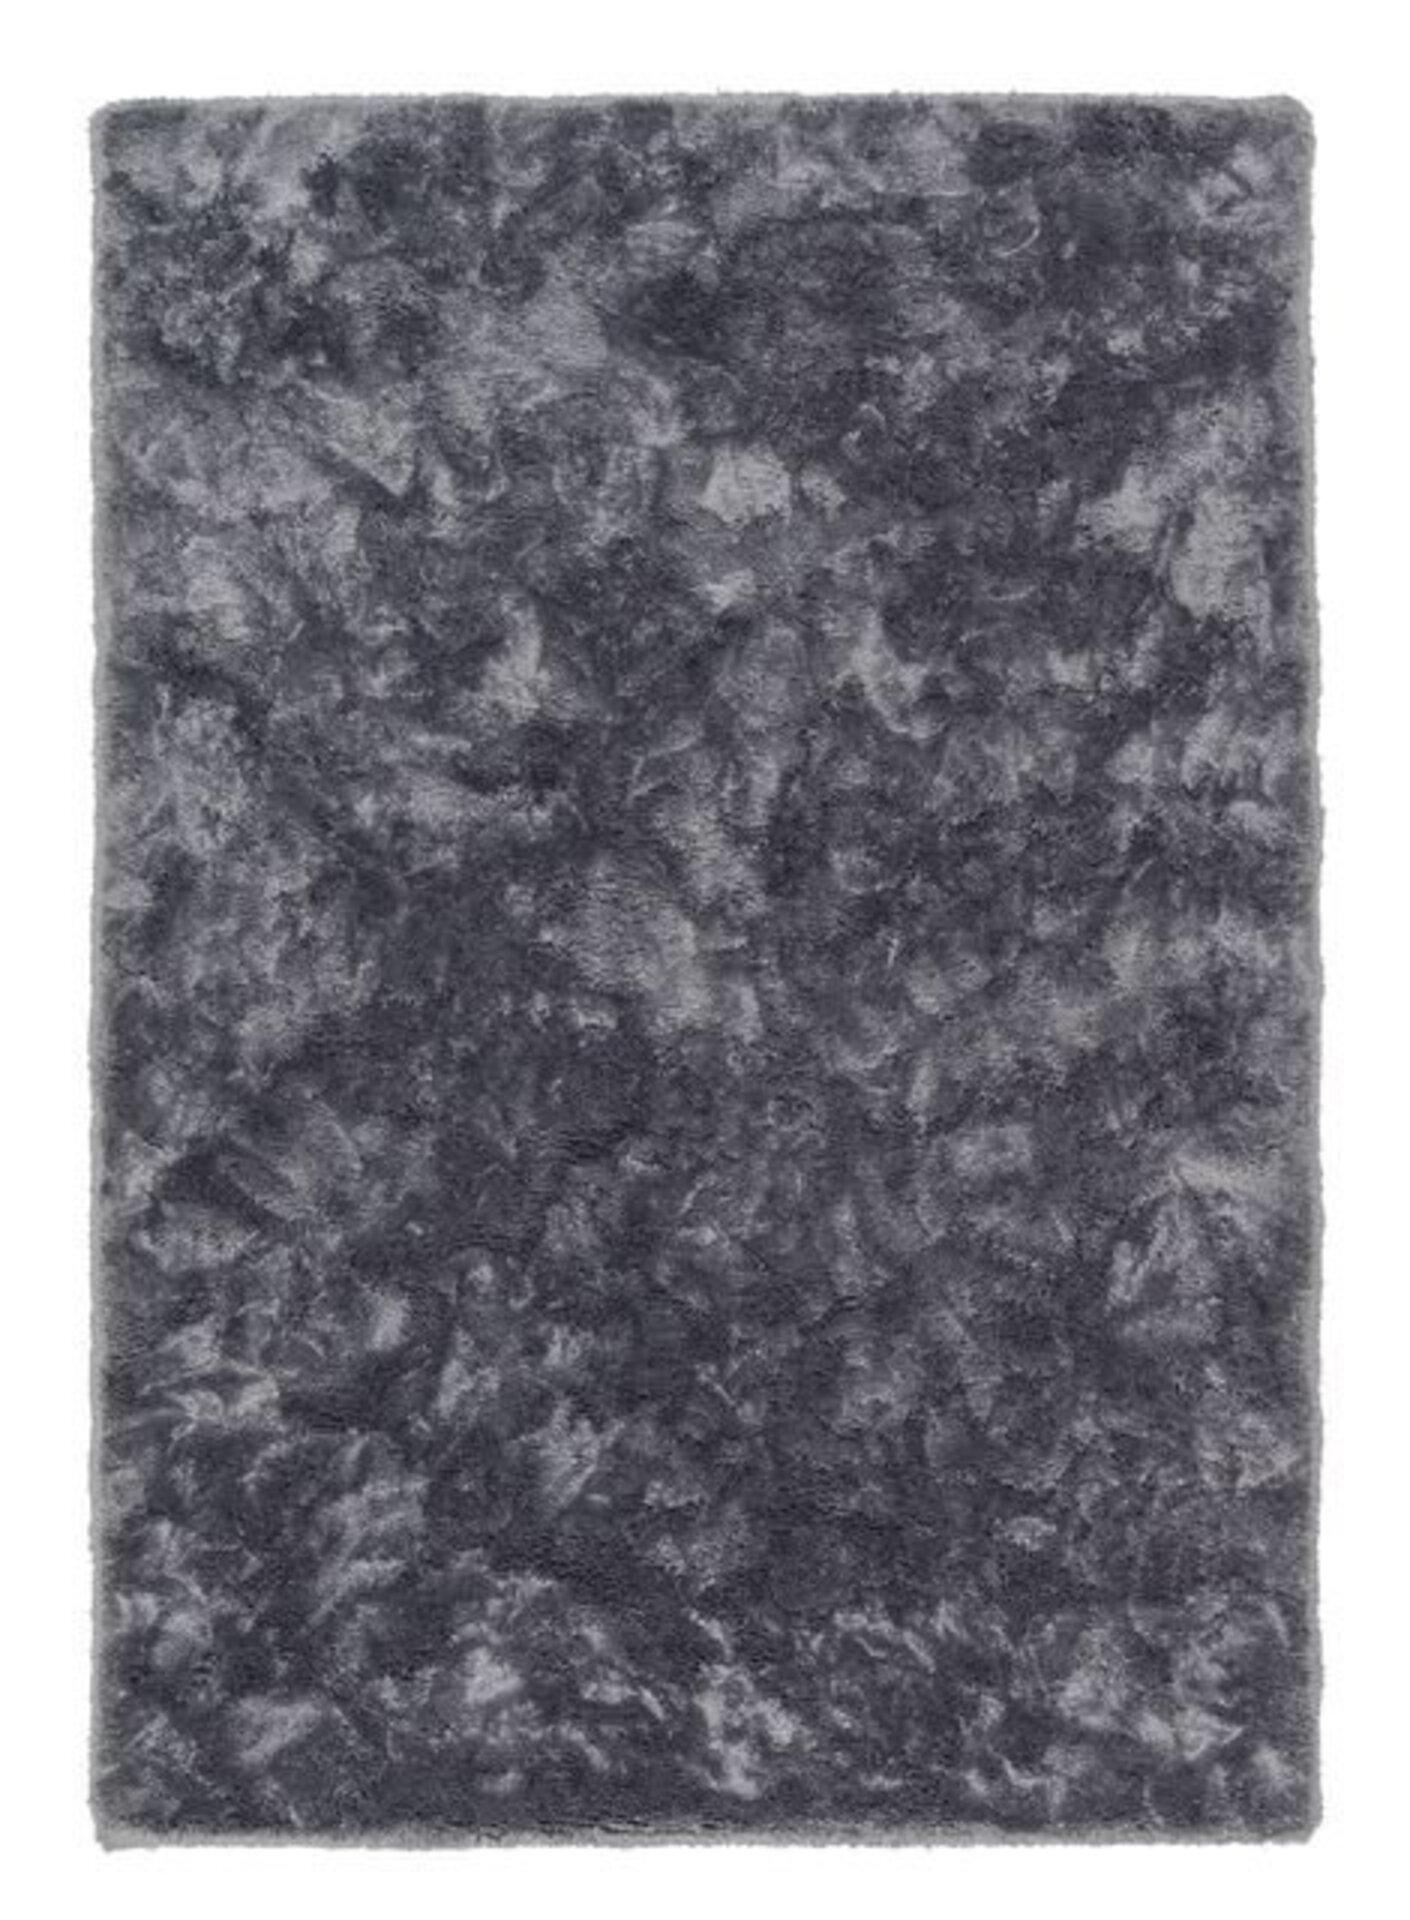 Handtuftteppich Harmony Schöner Wohnen Textil grau